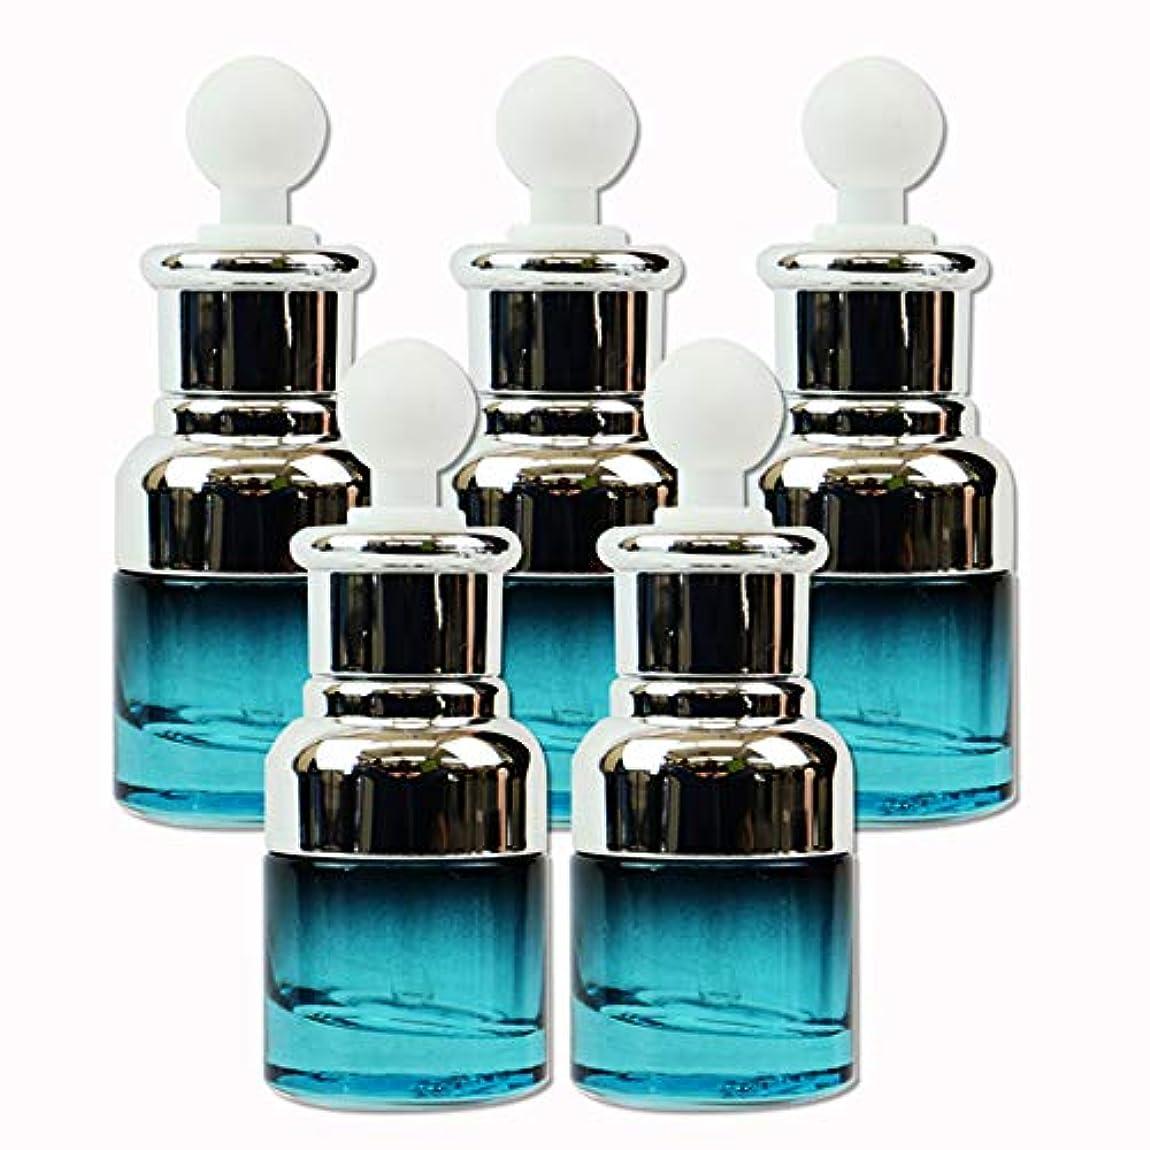 面倒豆腐審判edog ガラス製 遮光ボトル 5本セット スポイト式 20ml 香水 エッセンシャルオイル アロマ